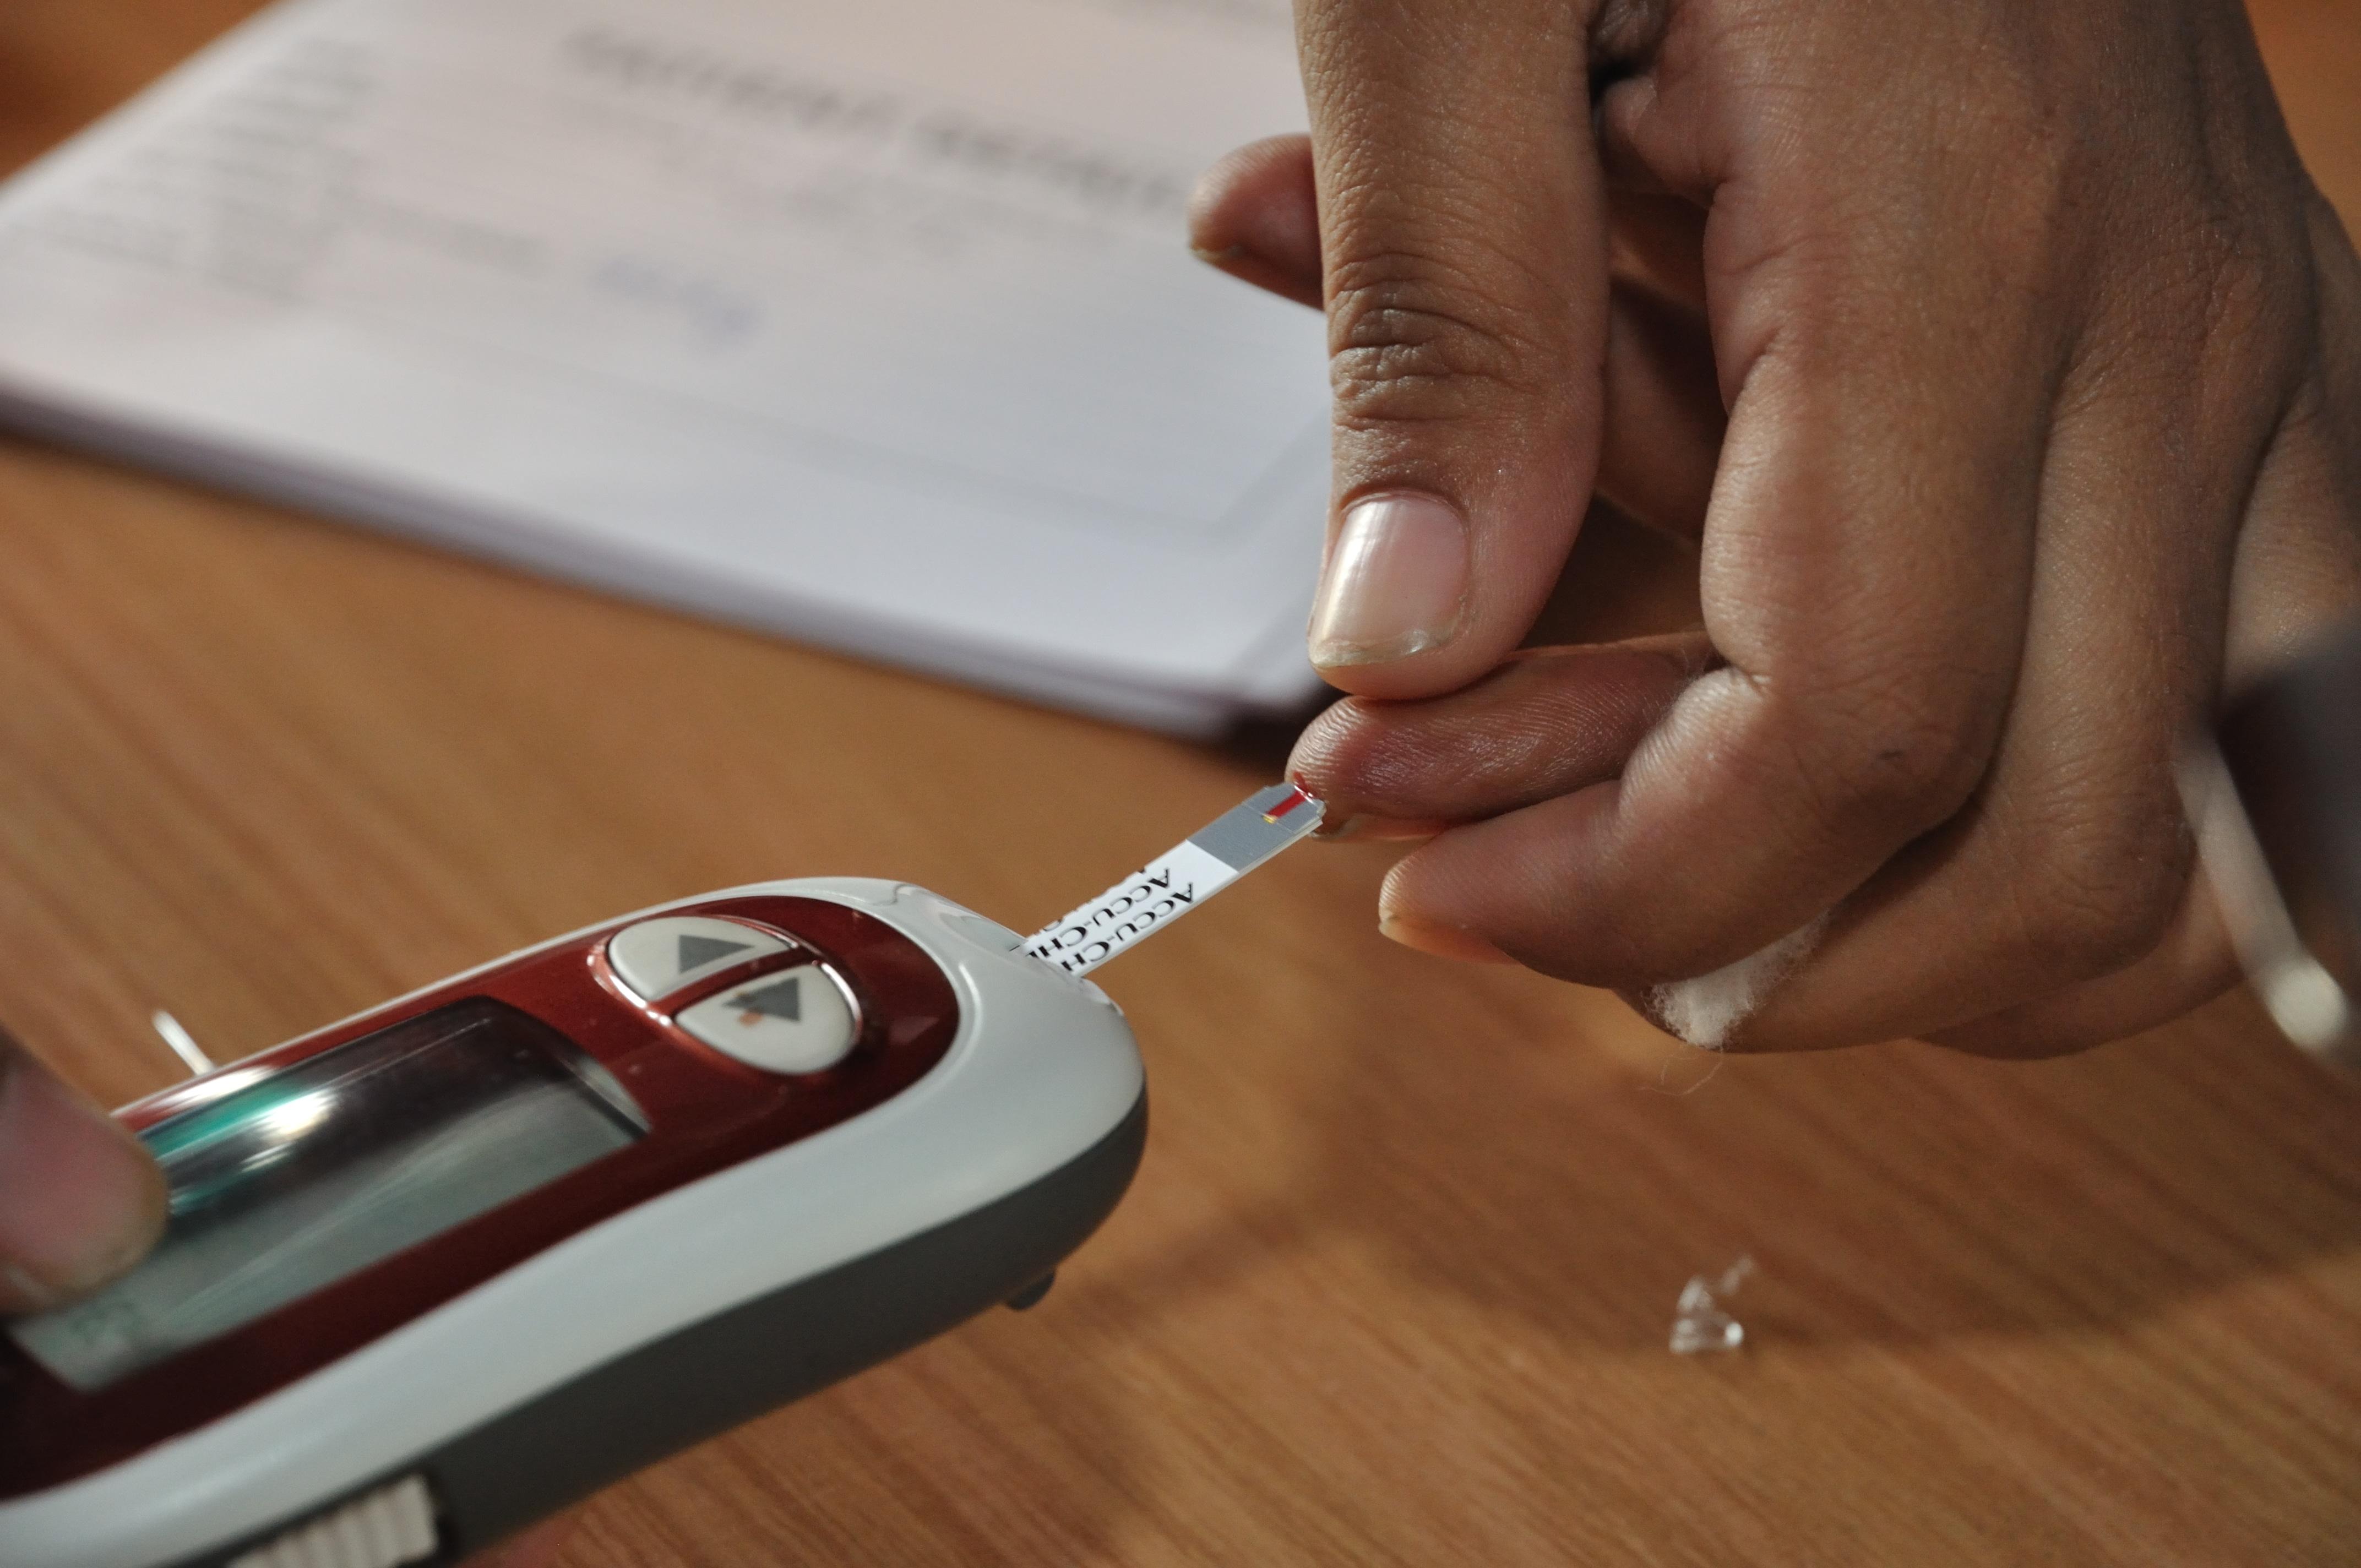 Nación Cannabis | Cannabis disminuye la incidencia y ayuda en el tratamiento de diabetes